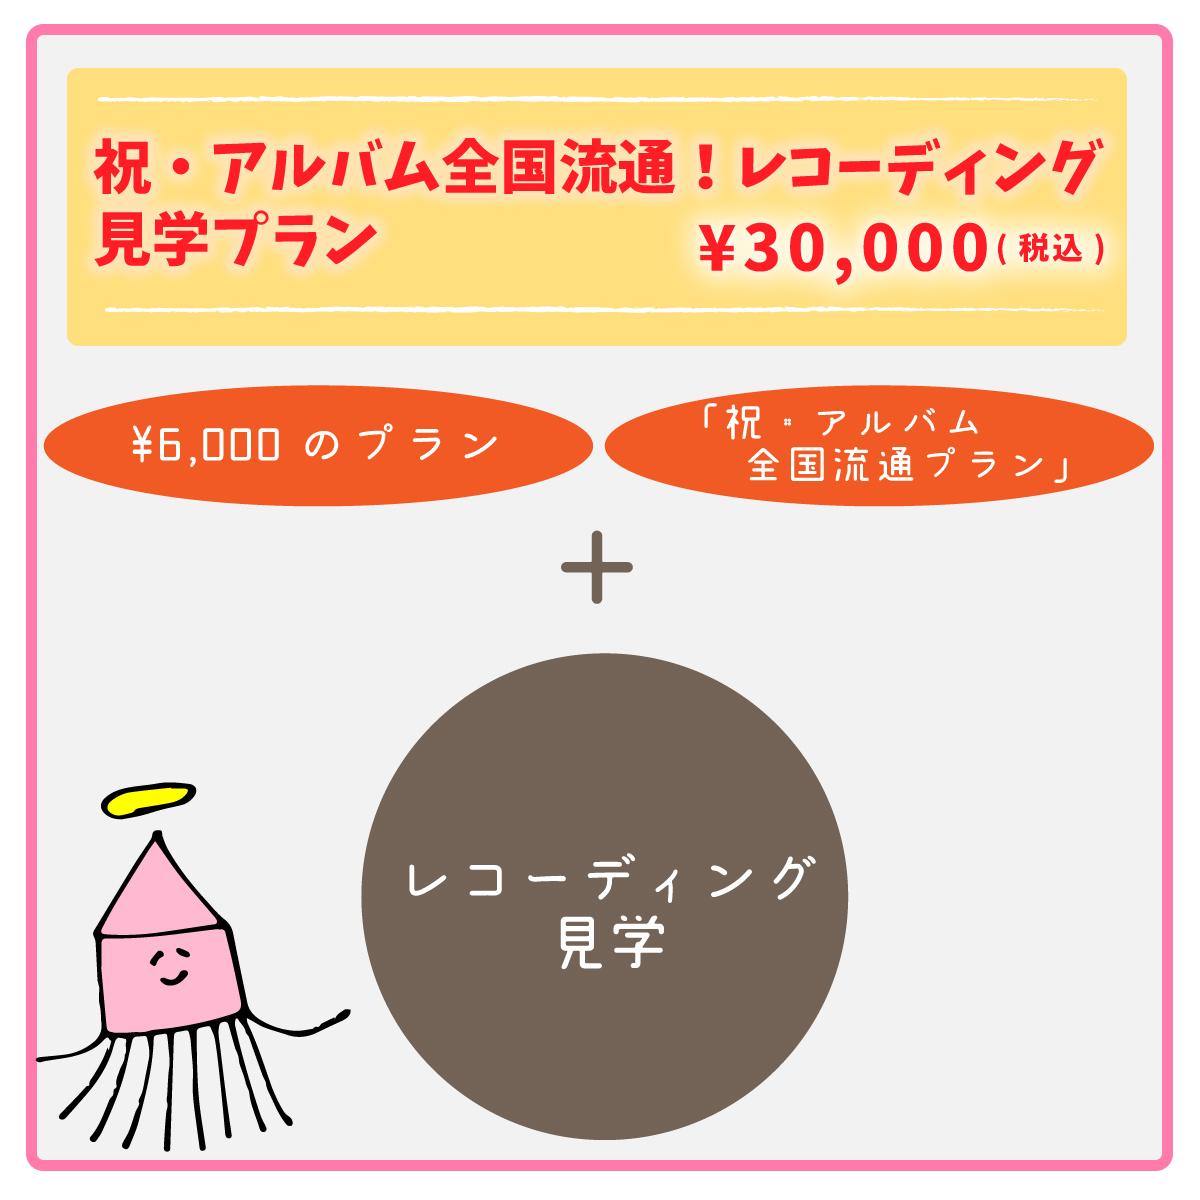 <祝・アルバム全国流通!レコーディング見学プラン>